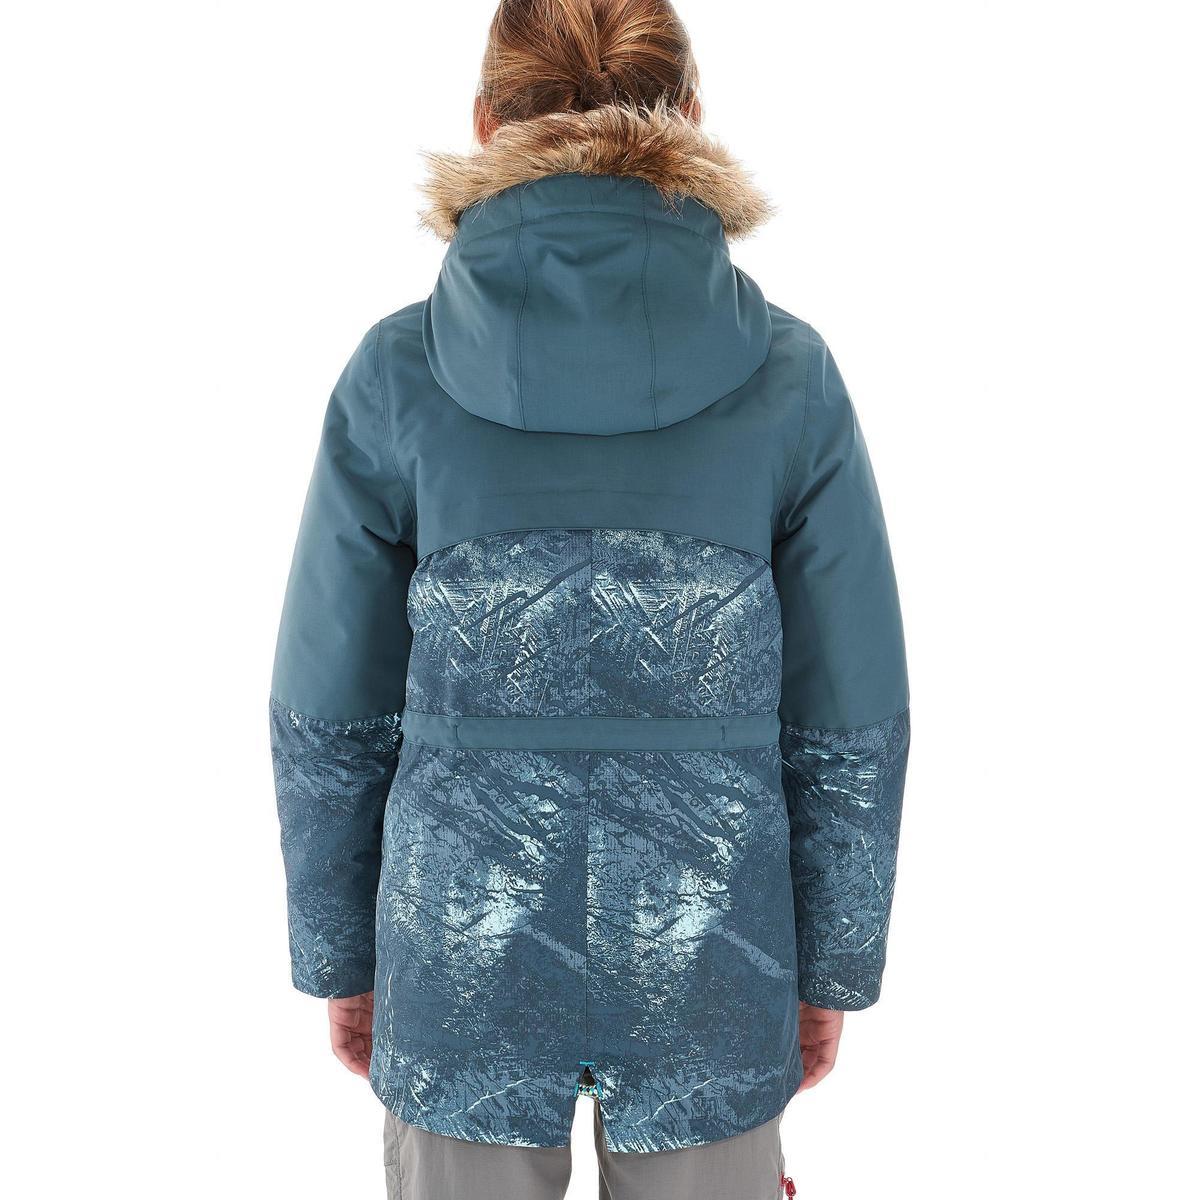 Bild 5 von Wanderjacke Schnee SH500 X-Warm Kinder grau